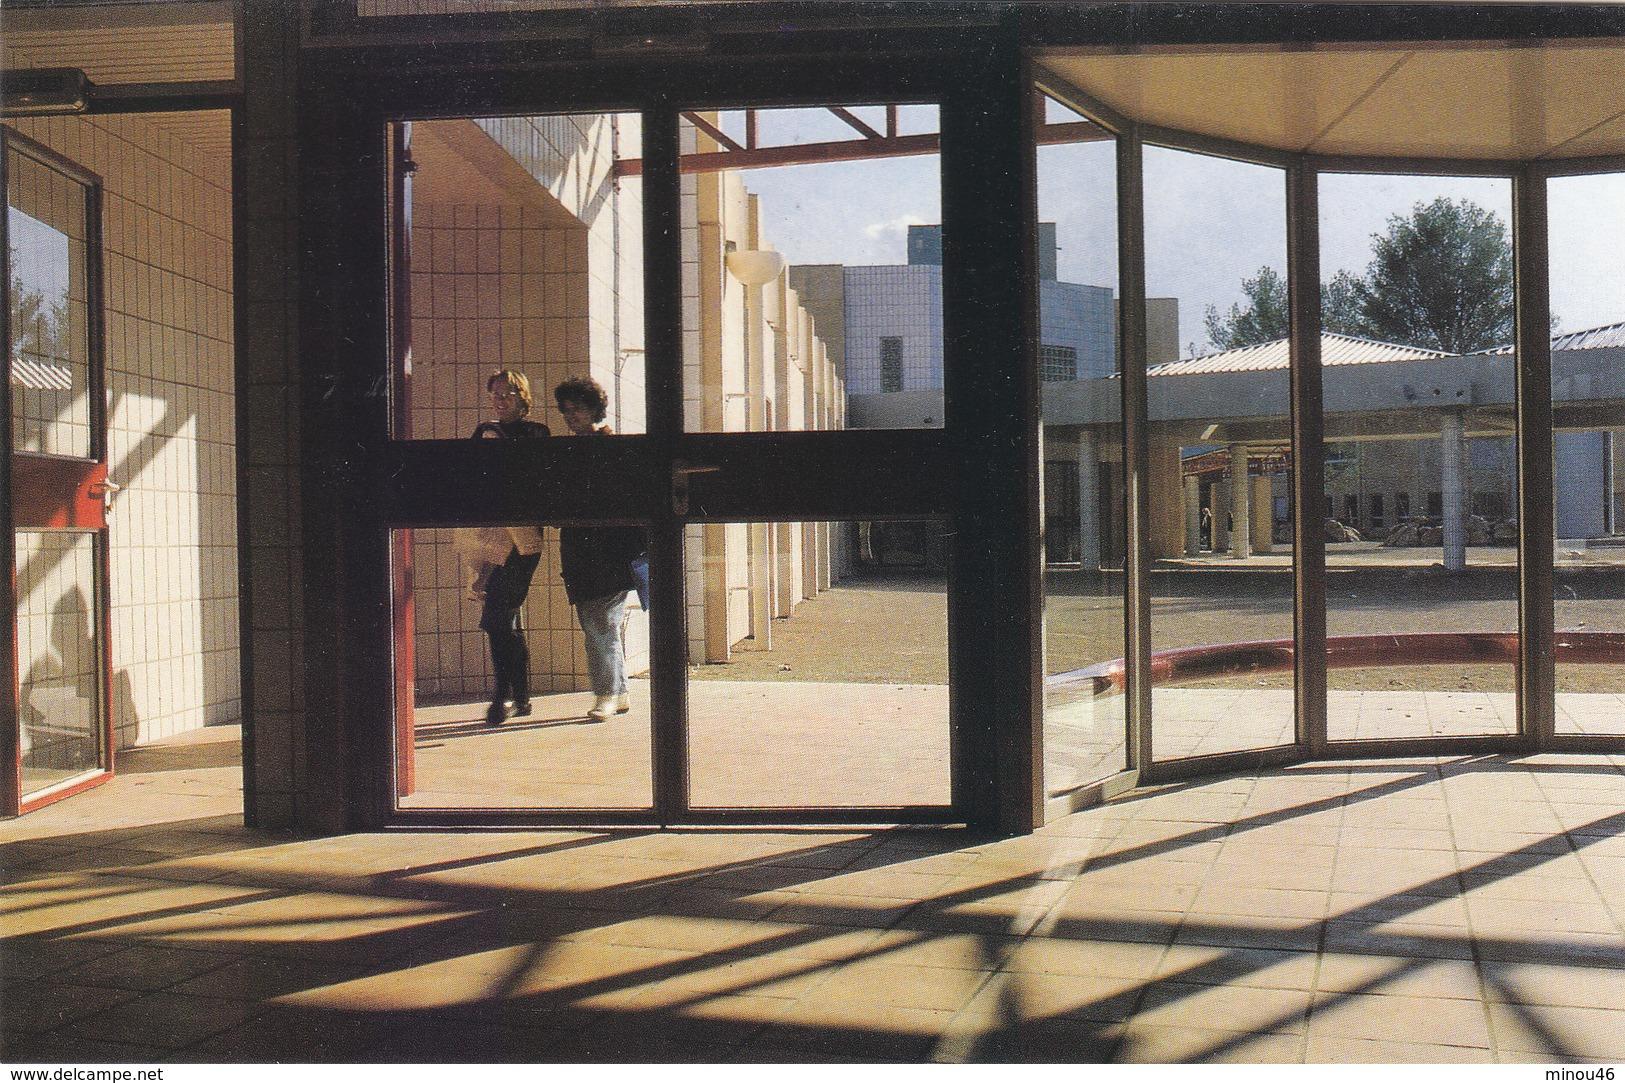 """SIX FOURS : LE NOUVEAU LYCEE PRO. """" LA COUDOULIERE """" T.RARE. 1987. N.CIRCULEE. ETAT PARFAIT.PETIT PRIX. - Six-Fours-les-Plages"""